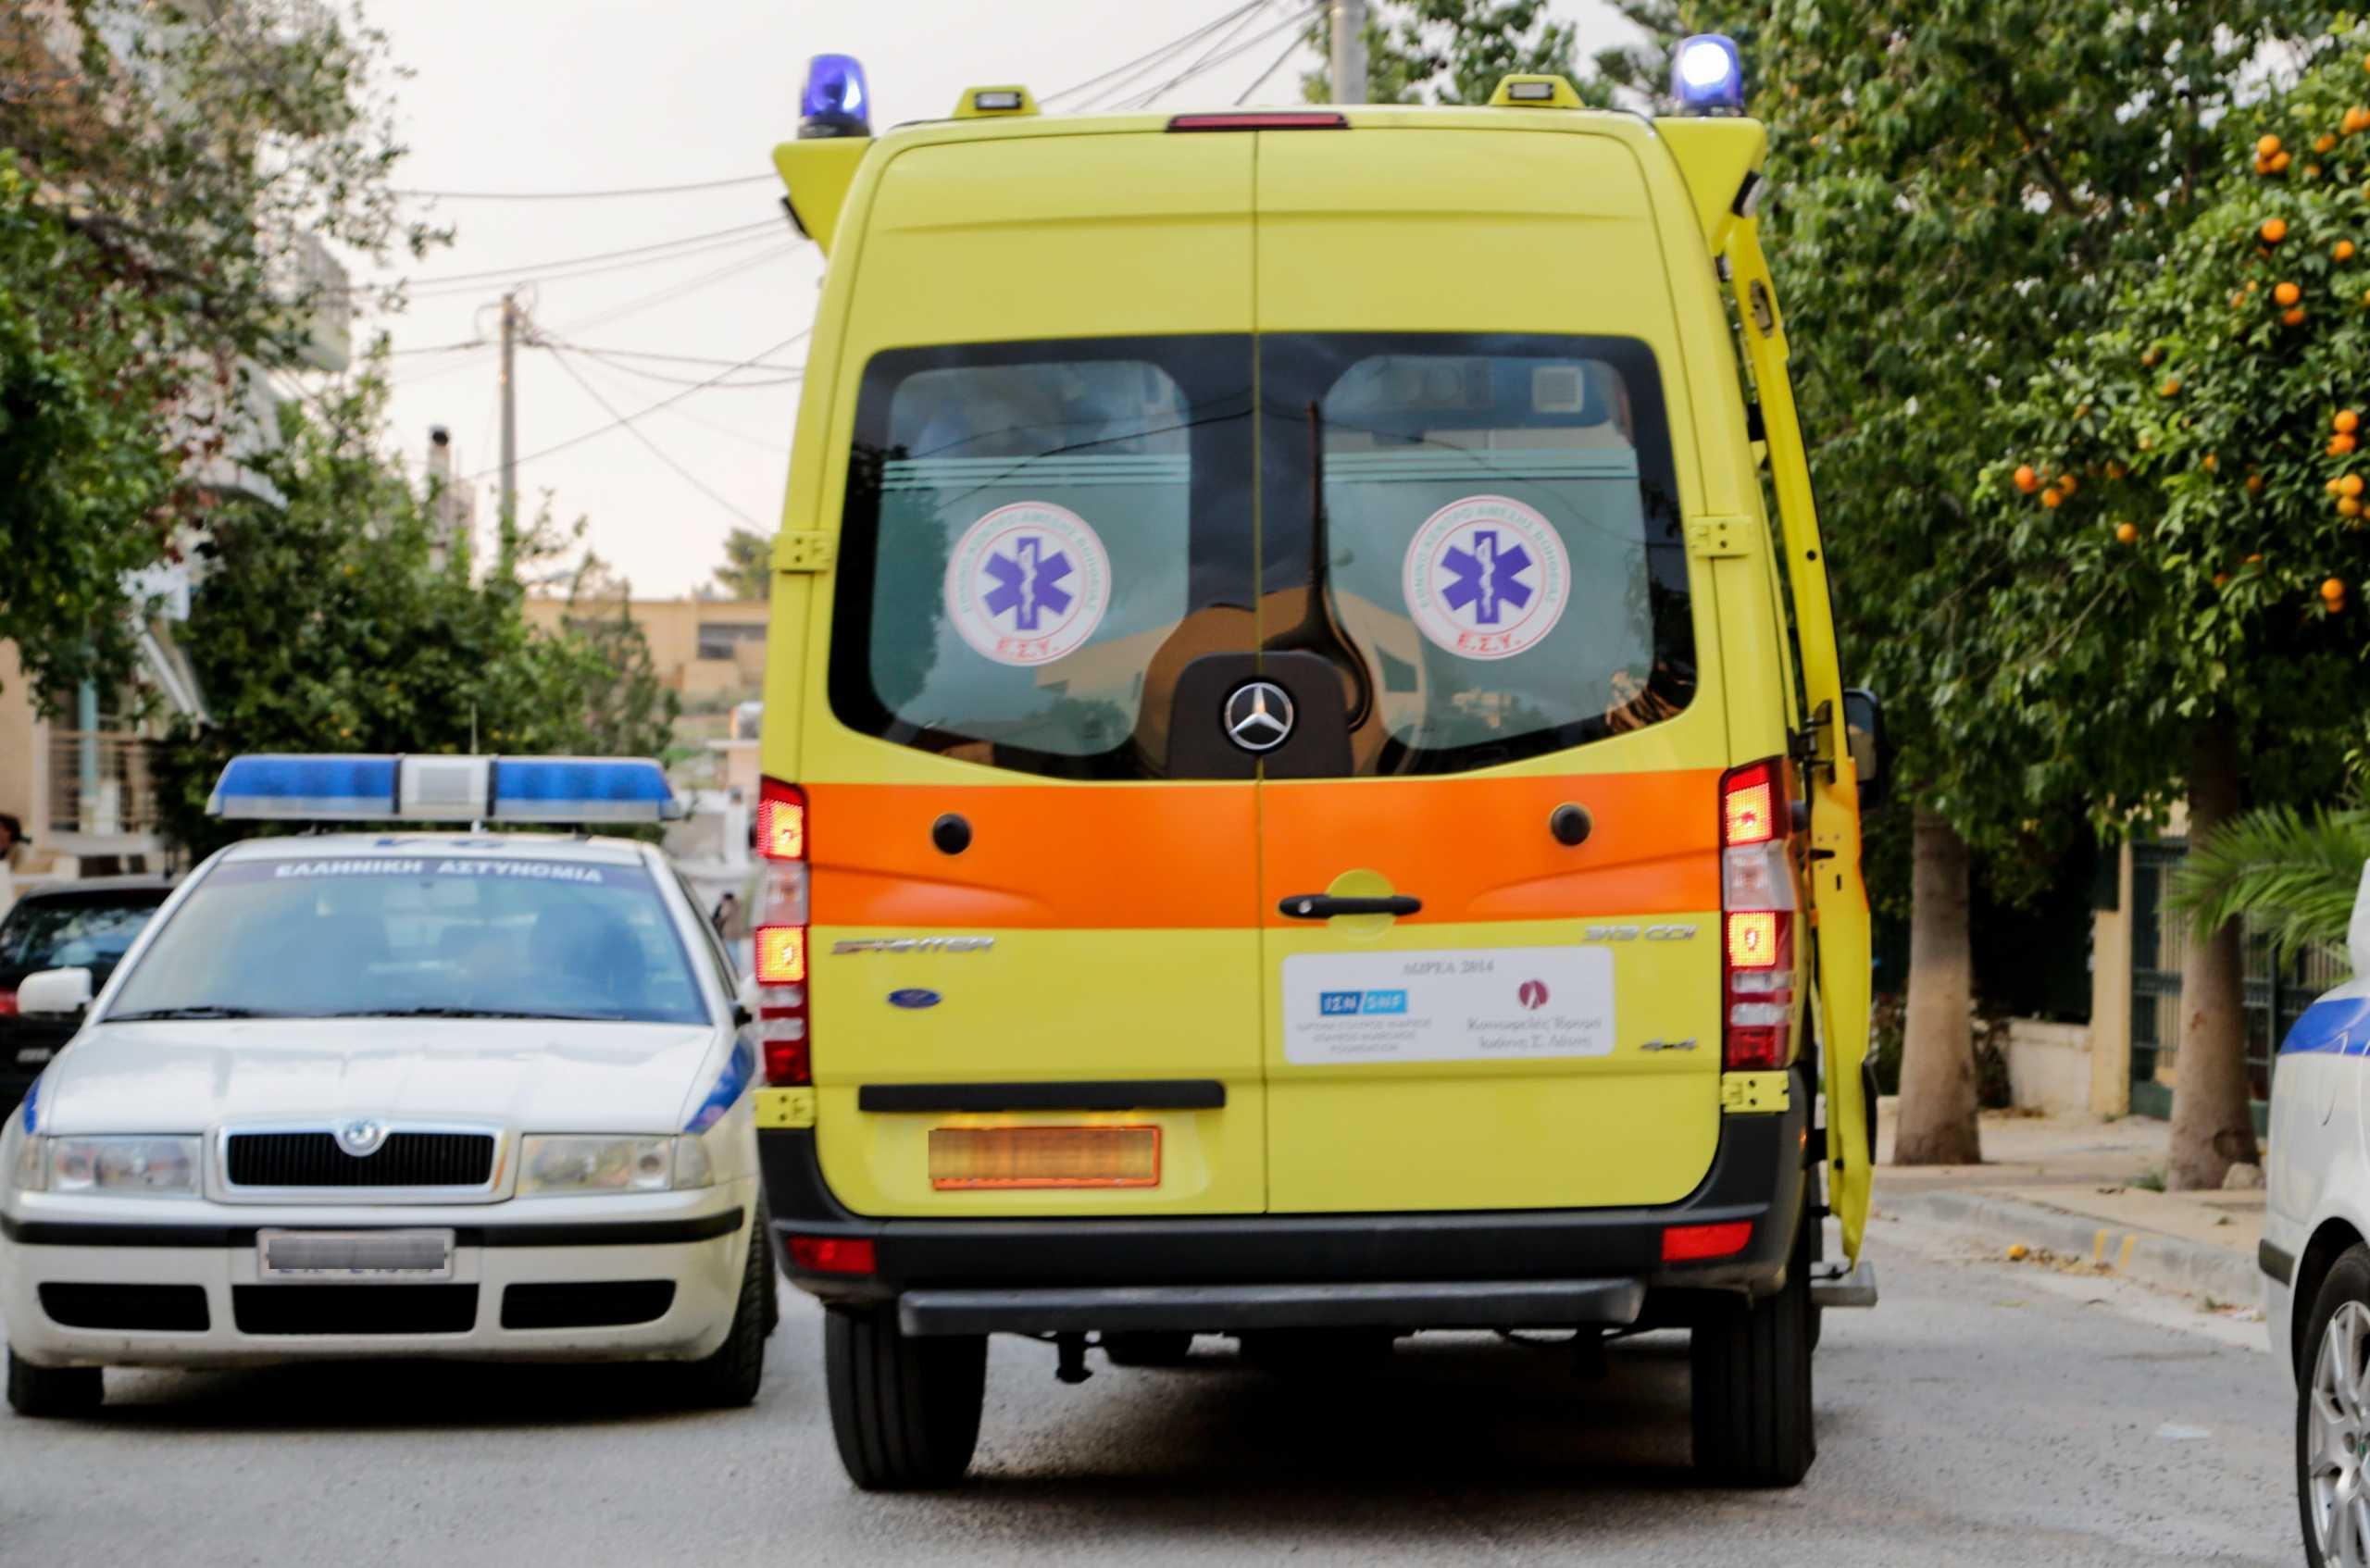 Κρήτη: Μία γυναίκα νεκρή μετά το τροχαίο στο Βόρειο Οδικό Άξονα